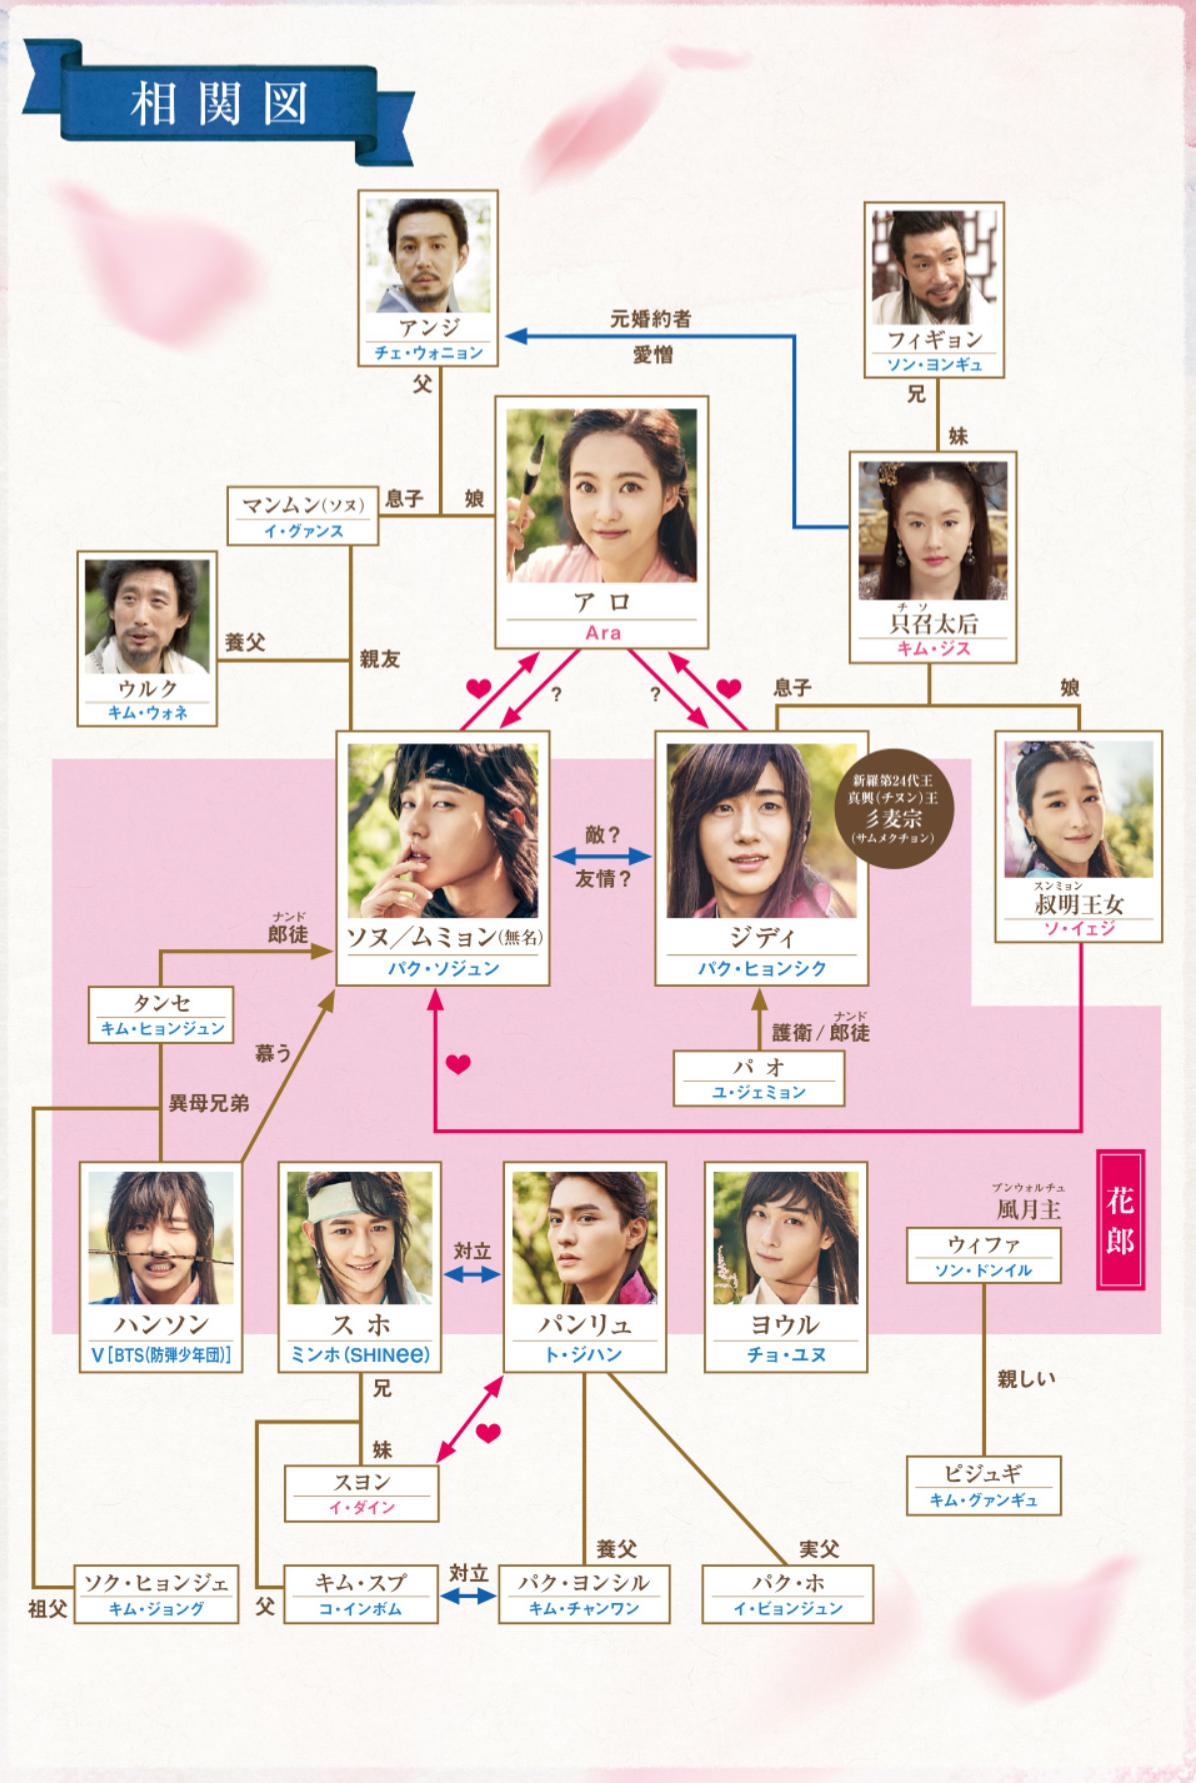 韓国ドラマ「花郎<ファラン>」登場人物相関図(関係図)